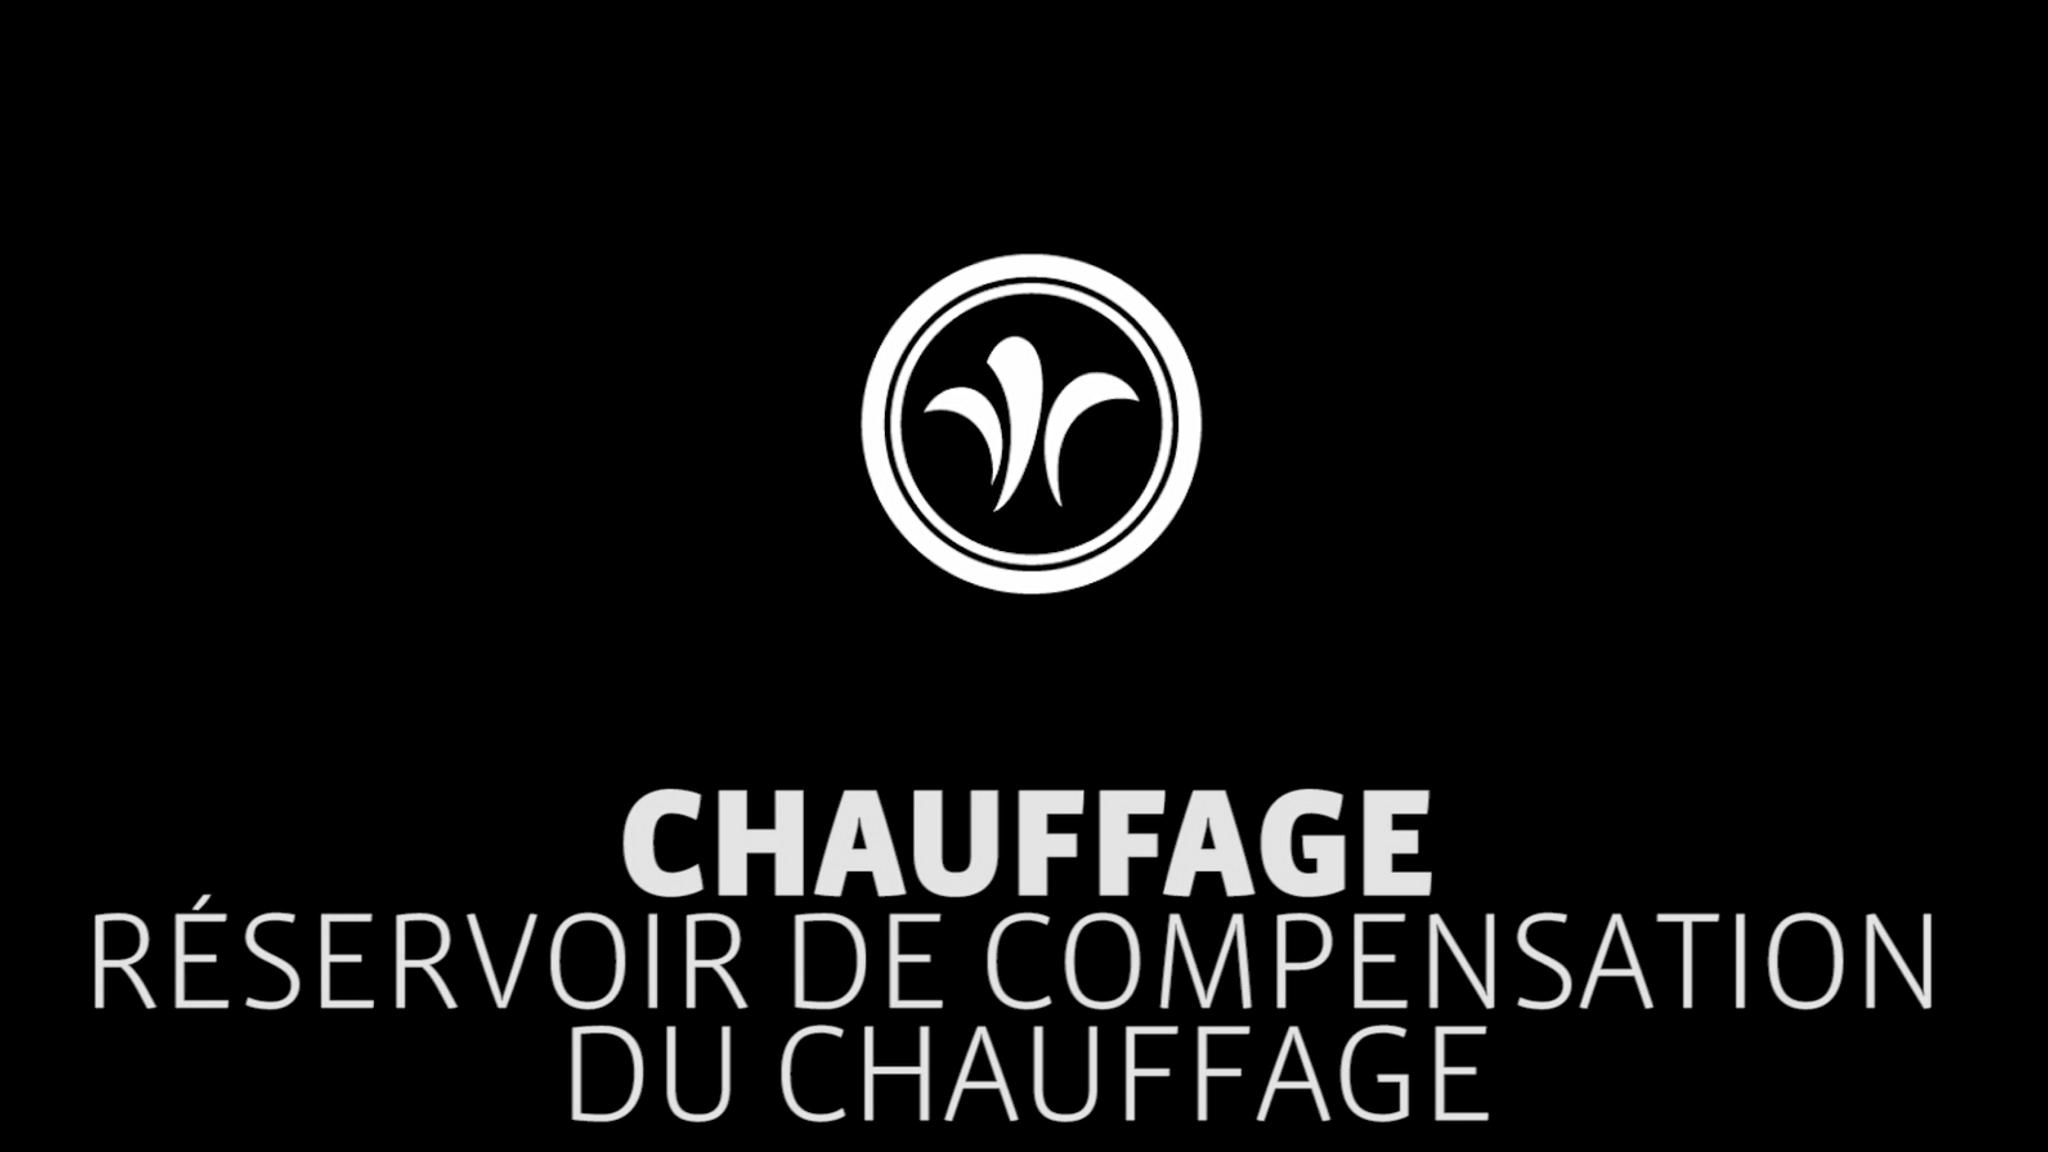 Réservoir de compensation de chauffage pour camping-car // Niesmann+Bischoff - ARTO // 2019 // H3